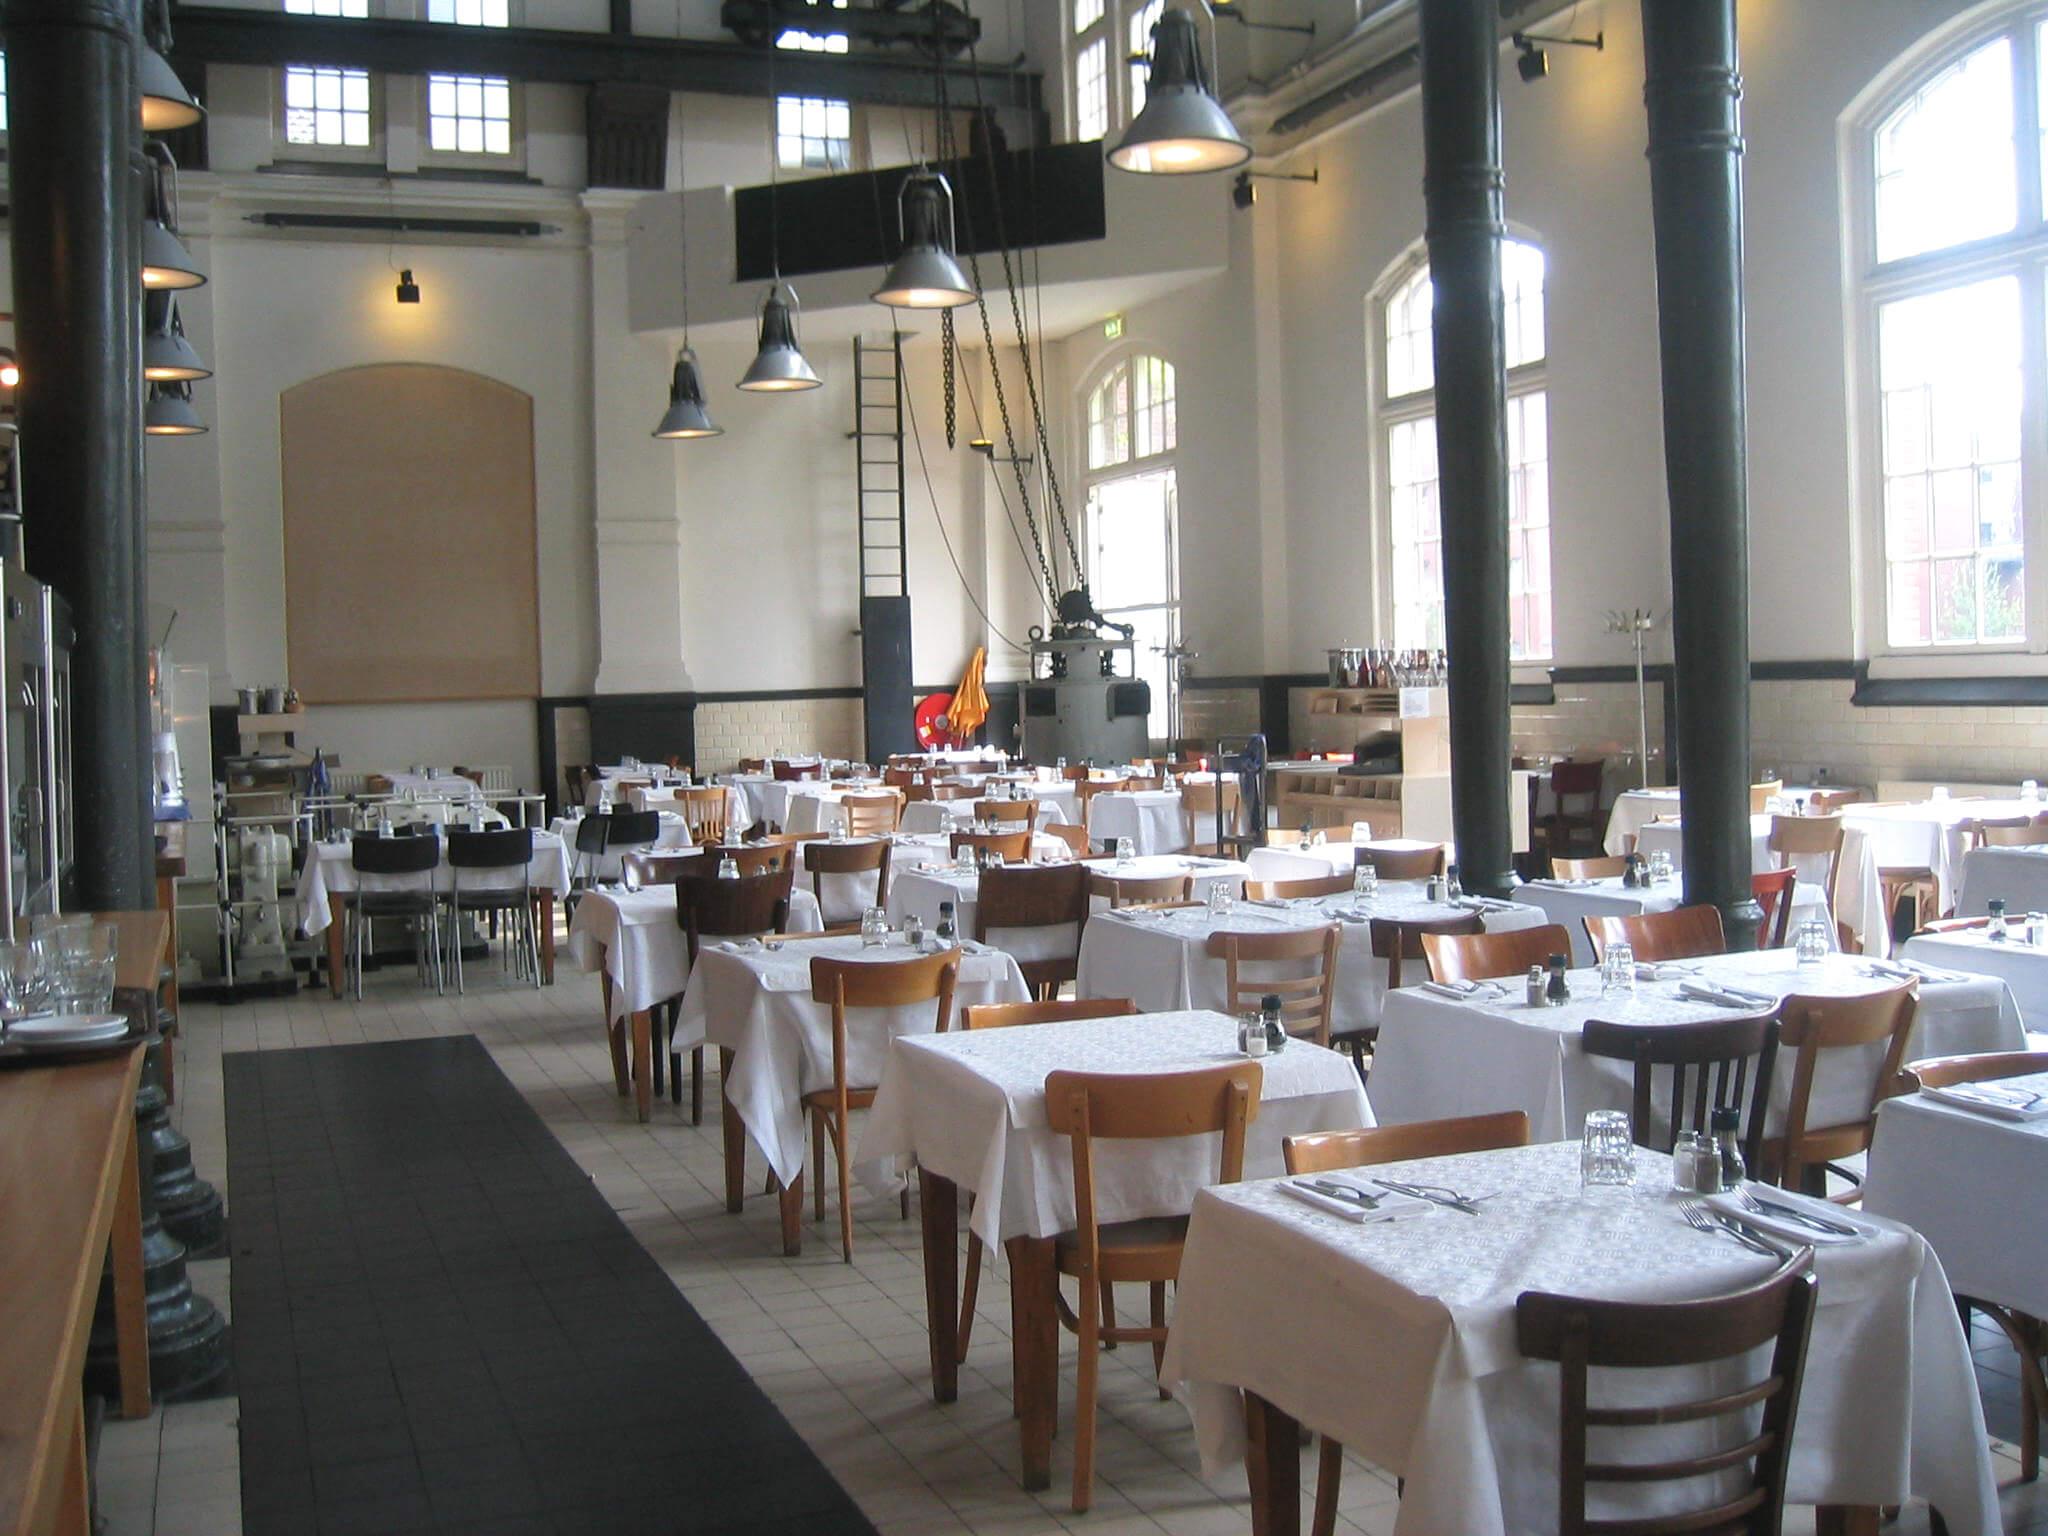 kindvriendelijke restaurants in amsterdam uit eten met kinderen leuk met kids. Black Bedroom Furniture Sets. Home Design Ideas